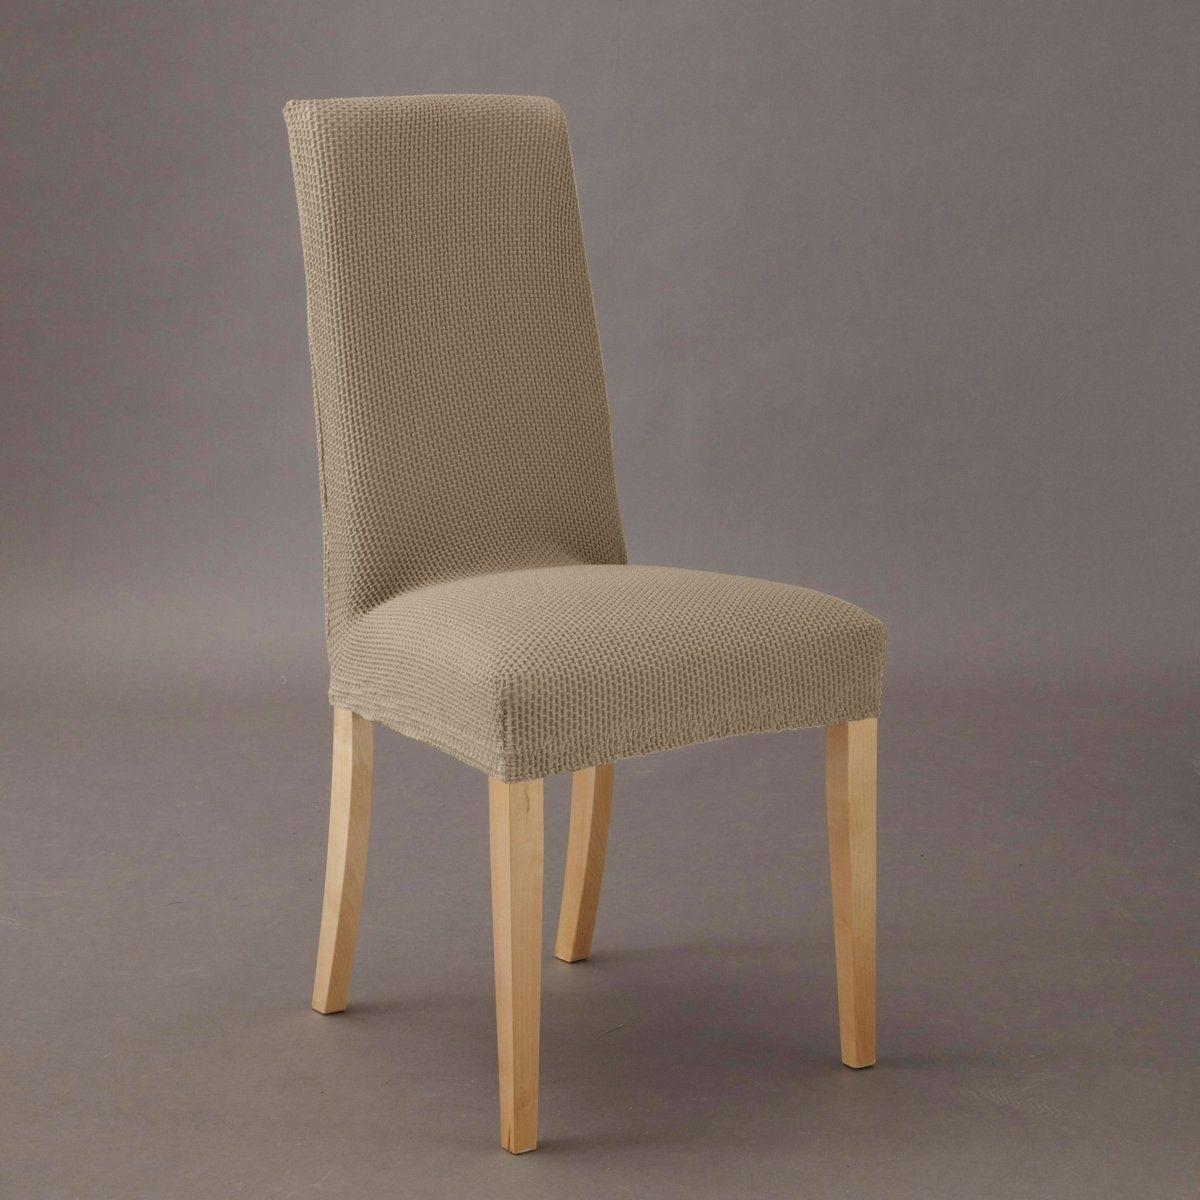 Чехол для стула АхмисОтличная идея для обновления интерьера! Сохраняет очертания стула и привносит новые мотивы в Ваш интерьер.Характеристики : -гофрированная эластичная ткань, 55% хлопка, 40% полиэстера, 5% эластана  -стирка при 30° - Эластичный низ, идеально обтягивает стул . - Эластичный низ, идеально обтягивает стул   !Размеры : Спинка:Высота  : 54 см максимально 68 см Ширина  : 34 см максимально 53 см Сиденье :Высота  : 10 см Ширина  : 29 см максимально 54 см  Глубина : 26 см максимально 43 см Чехол для дивана и чехол для кресла из коллекции Вы можете найти на laredoute .ru.<br><br>Цвет: серо-бежевый